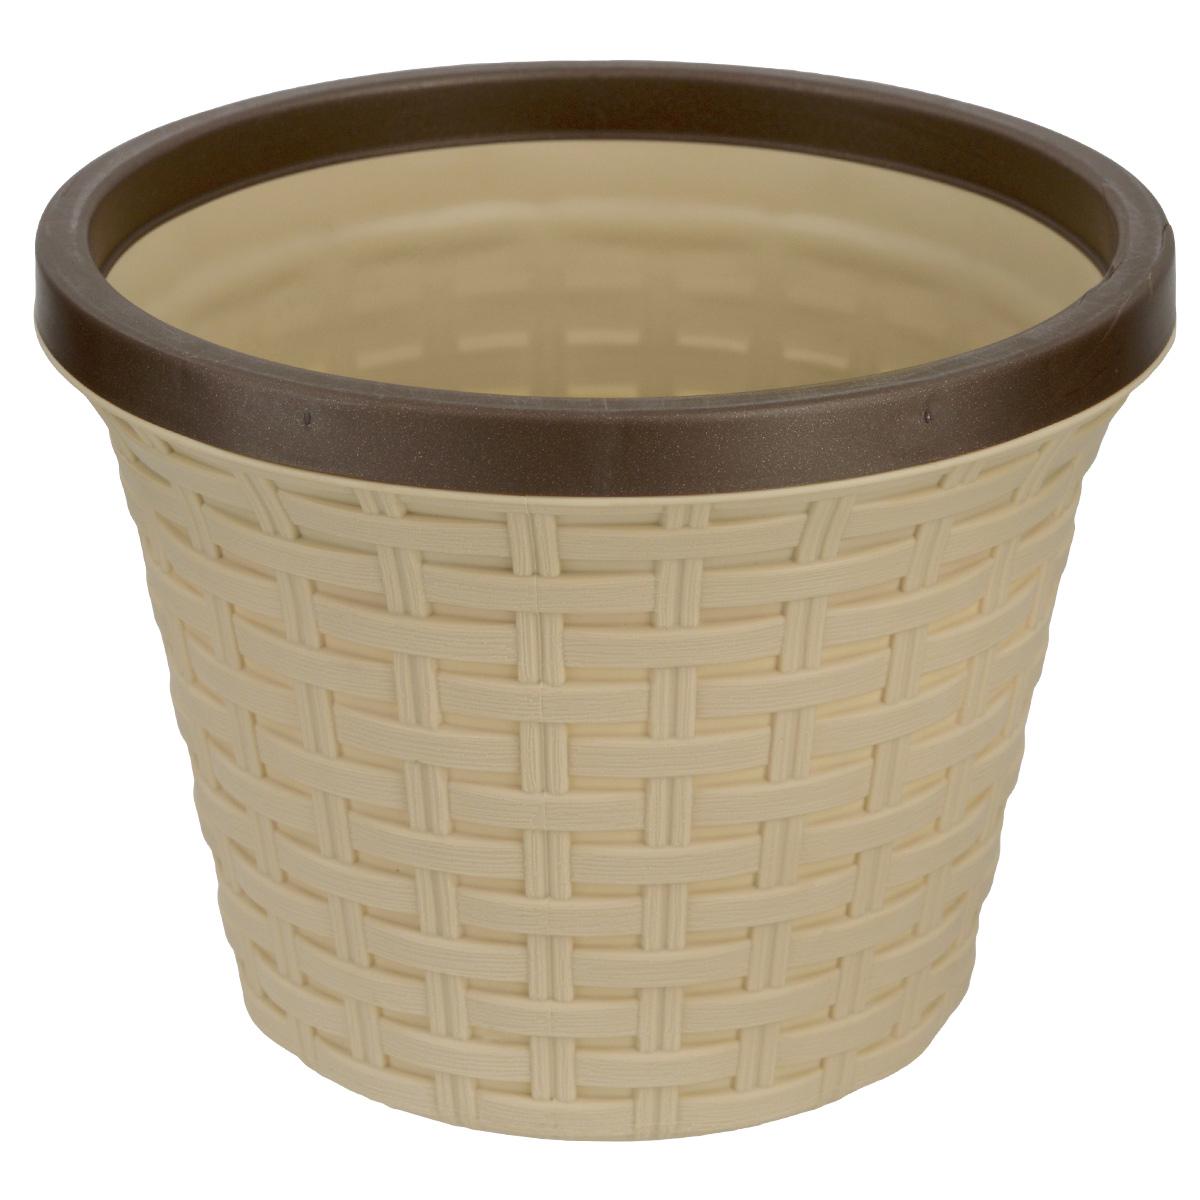 Кашпо Violet Ротанг, с дренажной системой, цвет: бежевый, 6,5 л810602Кашпо Violet Ротанг изготовлено из высококачественного пластика и оснащено дренажной системой для быстрого отведения избытка воды при поливе. Изделие прекрасно подходит для выращивания растений и цветов в домашних условиях. Лаконичный дизайн впишется в интерьер любого помещения.Объем: 6,5 л.